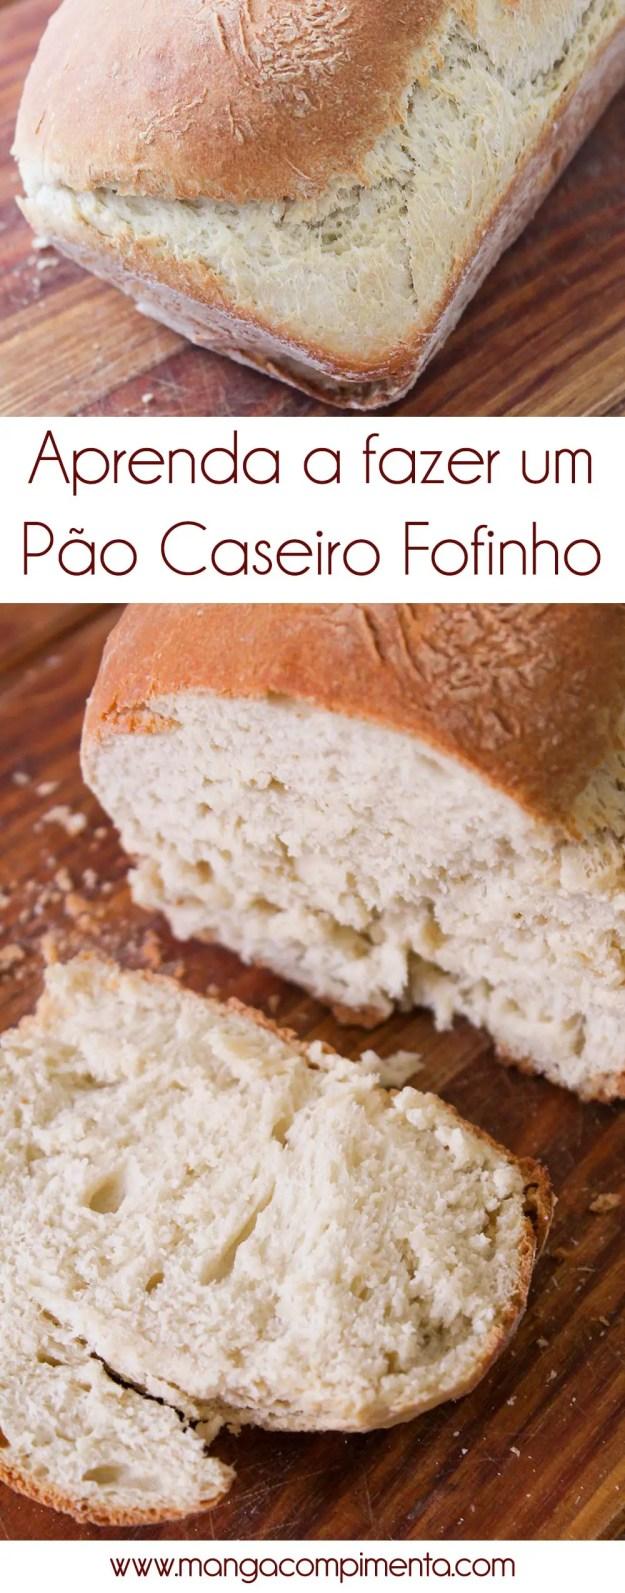 Pão Caseiro Fofinho - aprenda a fazer um do zero!